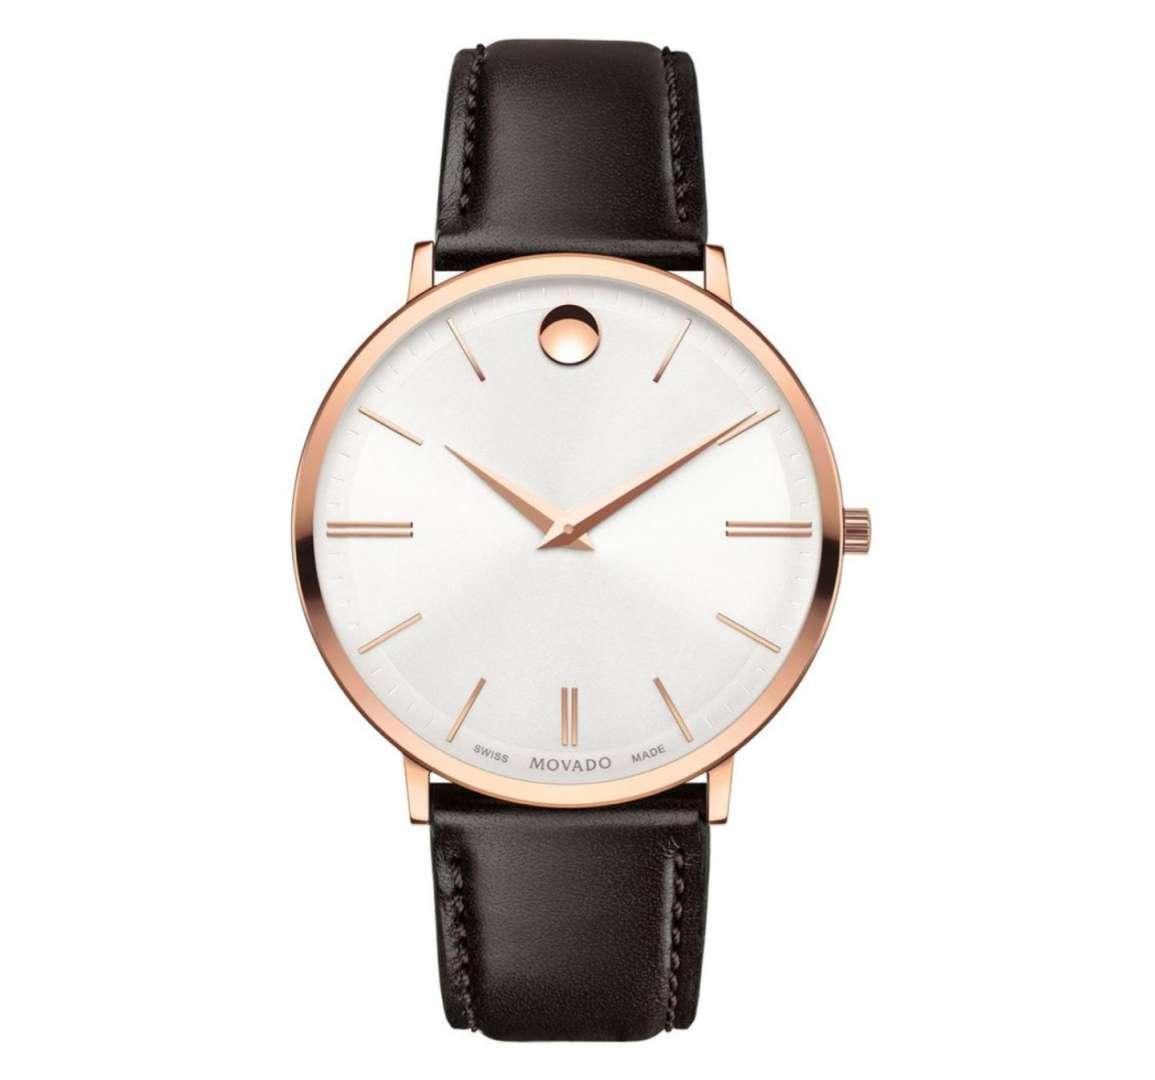 שעון יד אנלוגי 0607089 Movado מובאדו